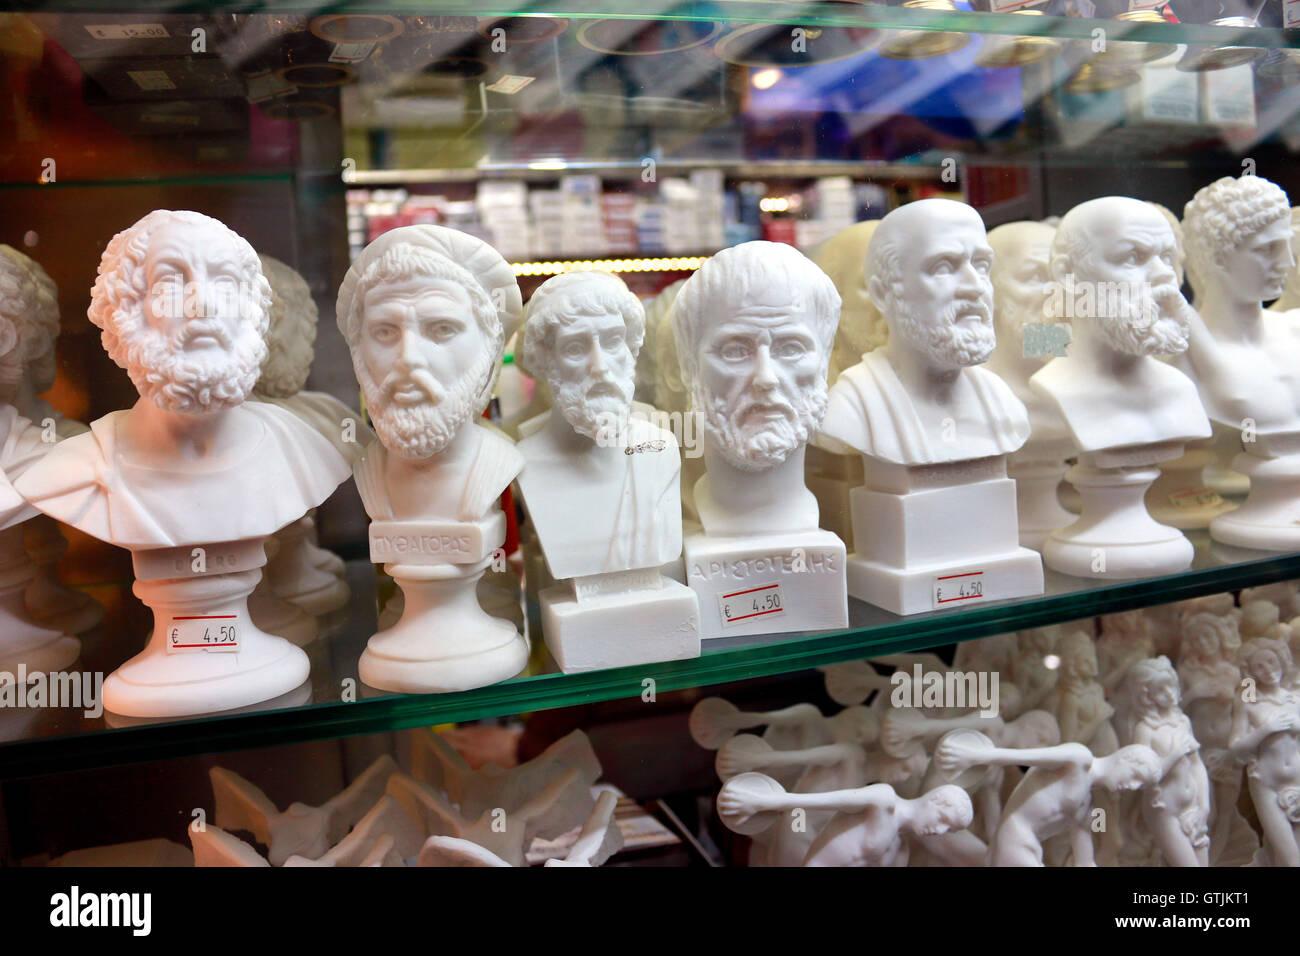 Souvenirs: Skulpturen mit den Buesten beruhmter griechischer Philosophen und Staatsmaenner der Antike, Athen, Griechenland. - Stock Image